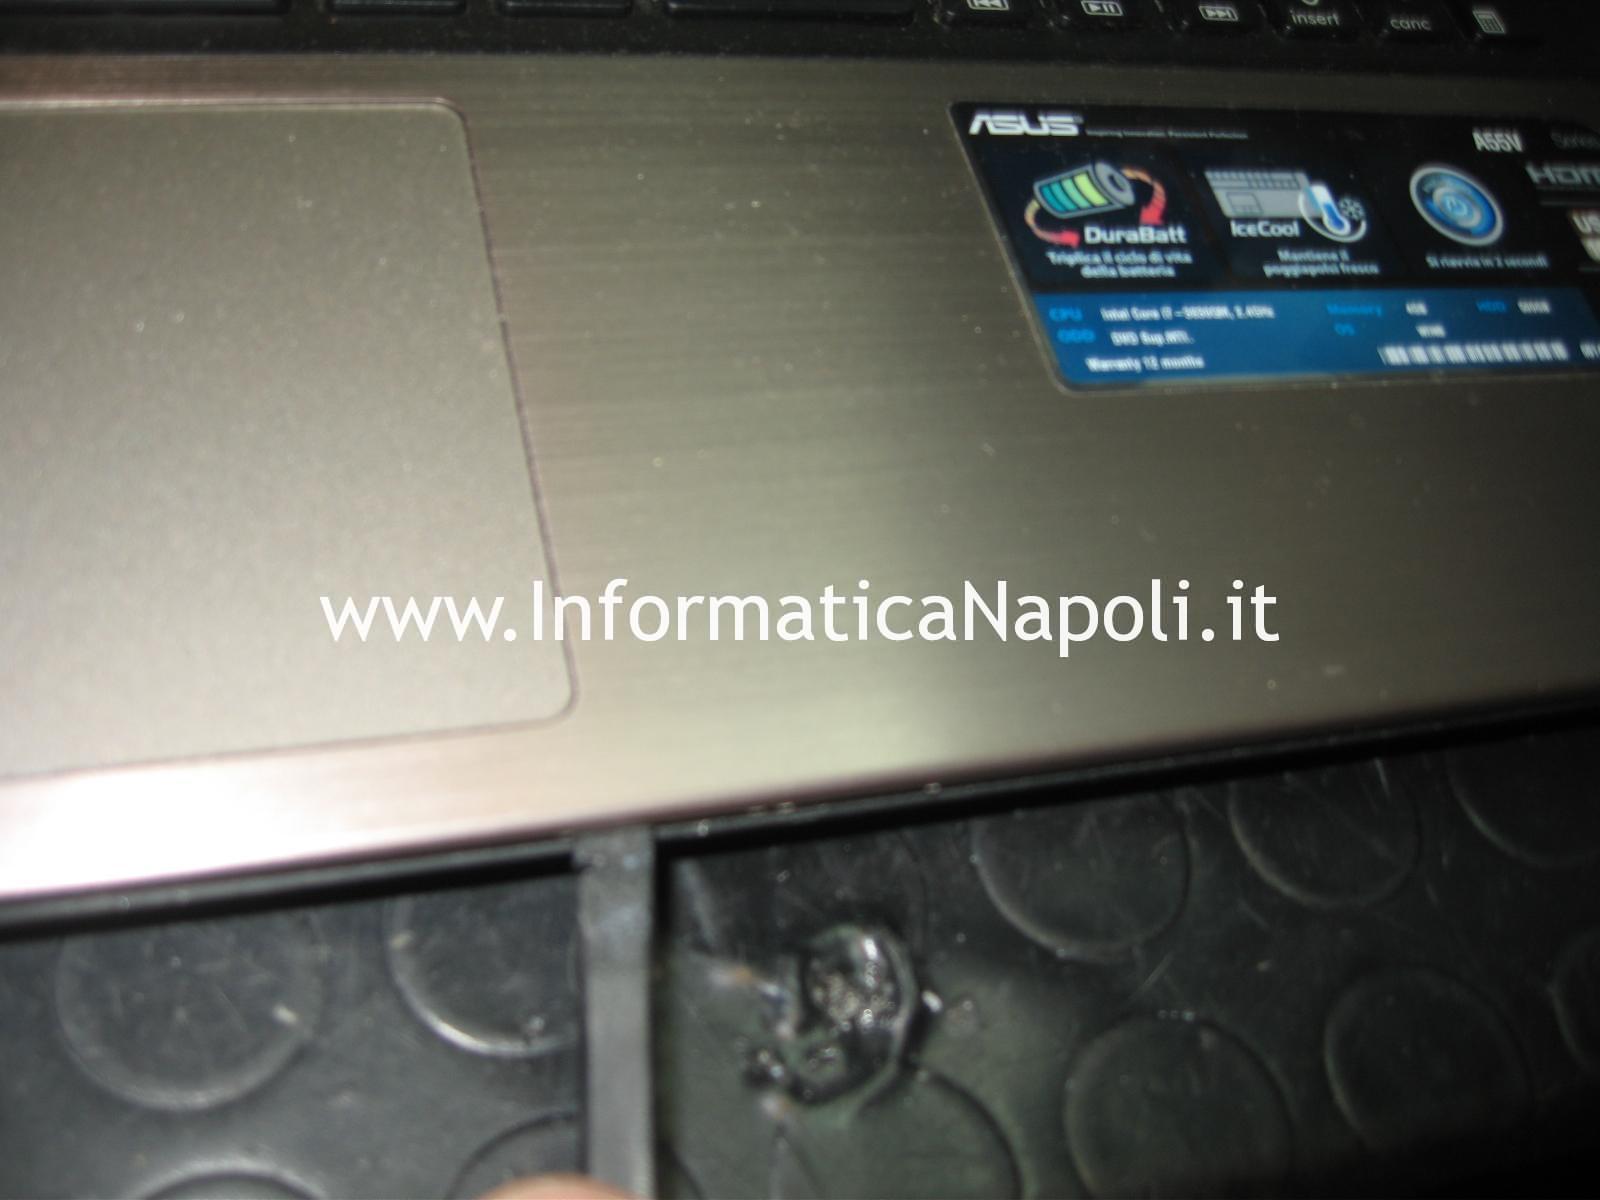 ASUS A55V K55VD A55VD SX400H